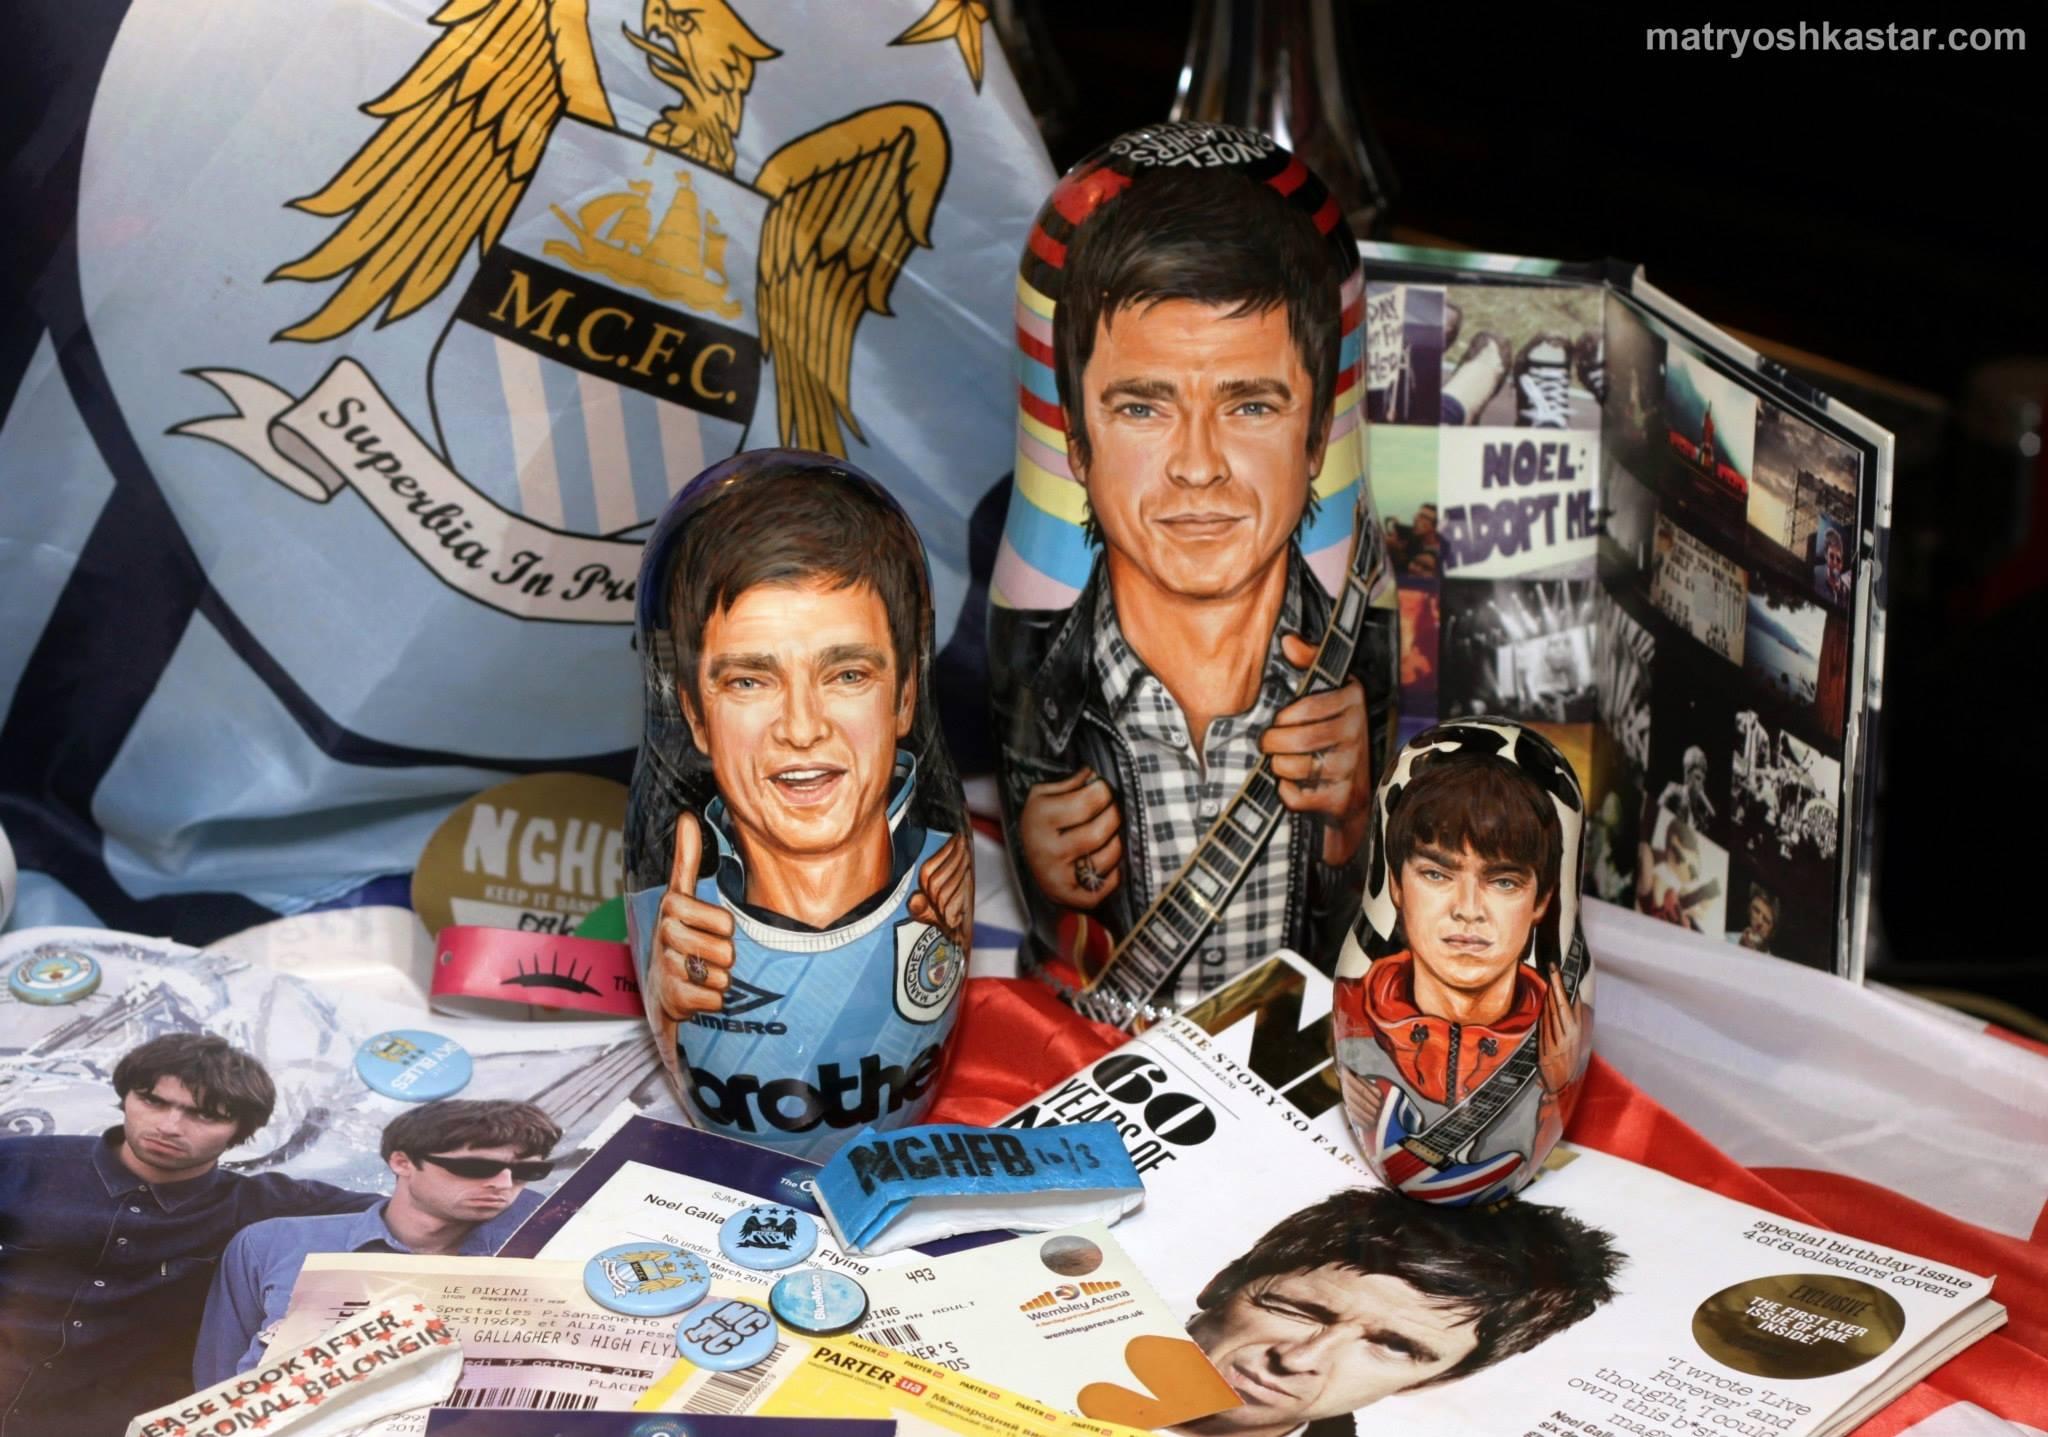 Russische Matroschka-Puppen für Noel Gallagher